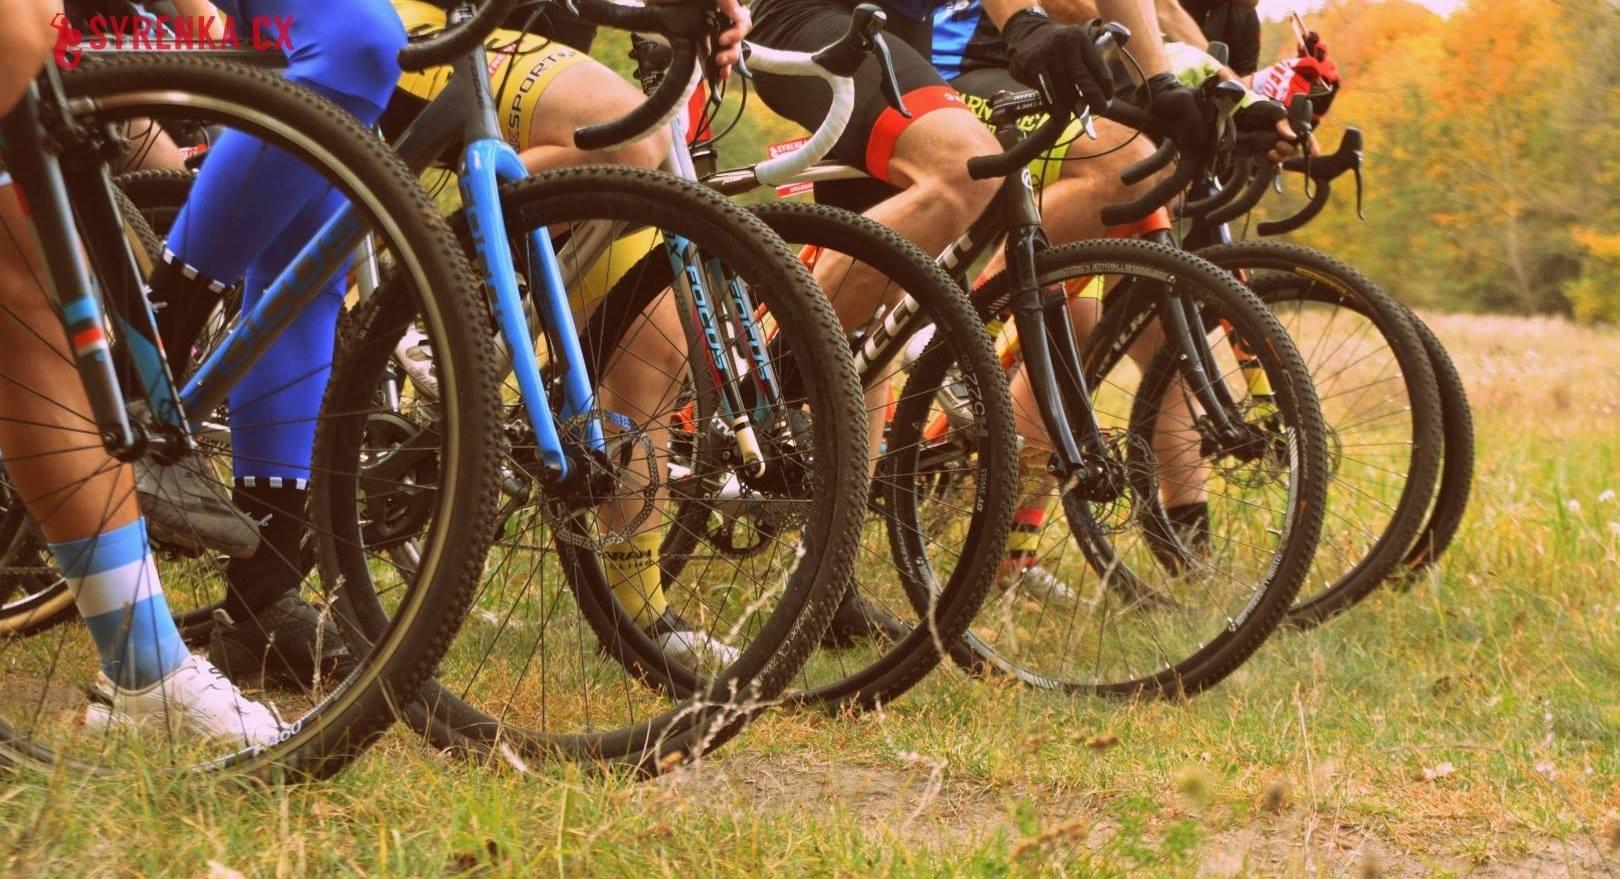 Hamowanie przyspiesza. Ewolucja układów hamulcowych w cyclocrossie.